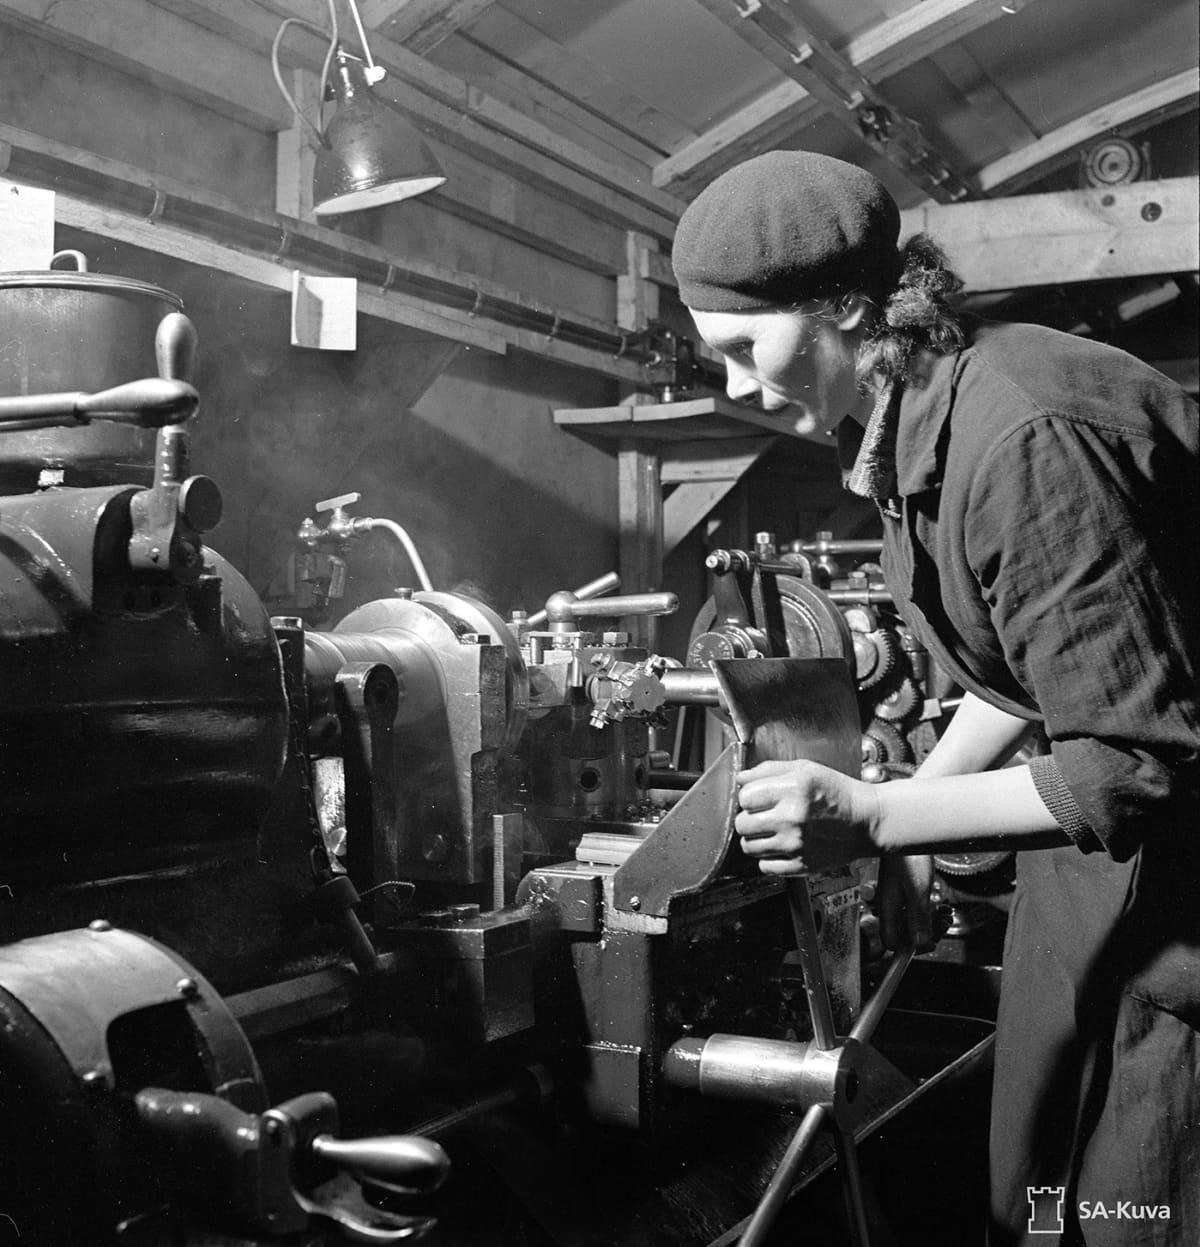 sotatarviketeollisuus, nainen metallisorvin ääressä.